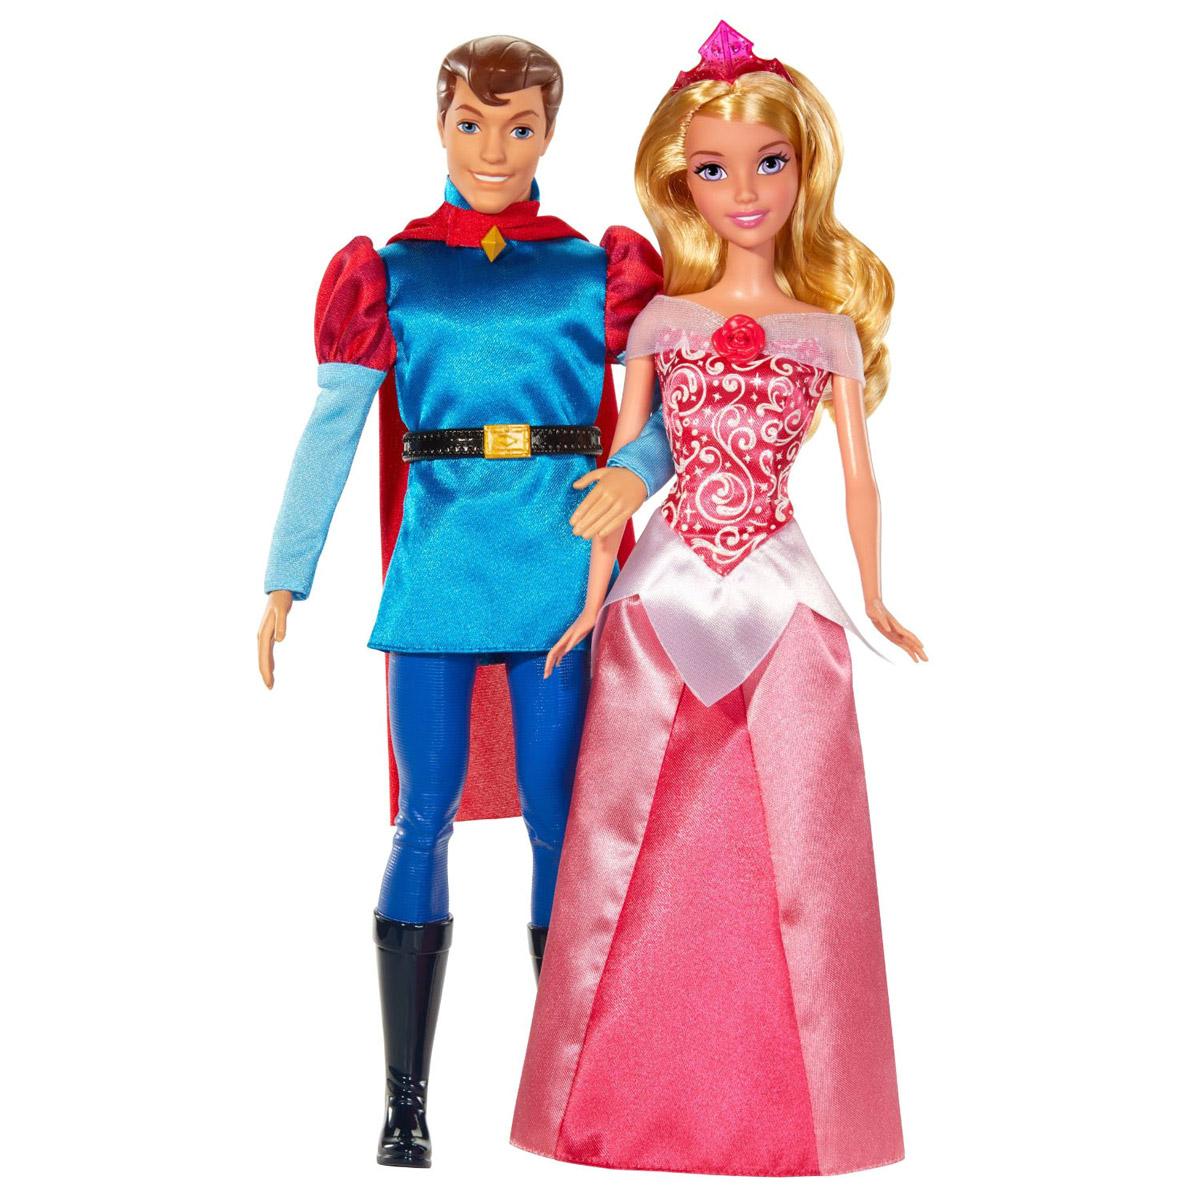 Disney Princess Игровой набор с куклами Спящая красавица и принц ФилиппBMB71Набор кукол Disney Princess Спящая красавица и принц Филипп поможет вашей малышке окунуться в сказочный мир. В набор входят две очаровательные куколки, выполненные в виде главных героев мультфильма Спящая красавица - принцессы Авроры и принца Филиппа. Принцесса одета в шикарное длинное платье, а на голове - очаровательная диадема. Принц одет в красивый костюм с яркой накидкой и ремнем, а на ногах - длинные сапоги. Ваша малышка с удовольствием будет играть с этим набором, проигрывая сюжеты из мультфильма или придумывая различные истории.